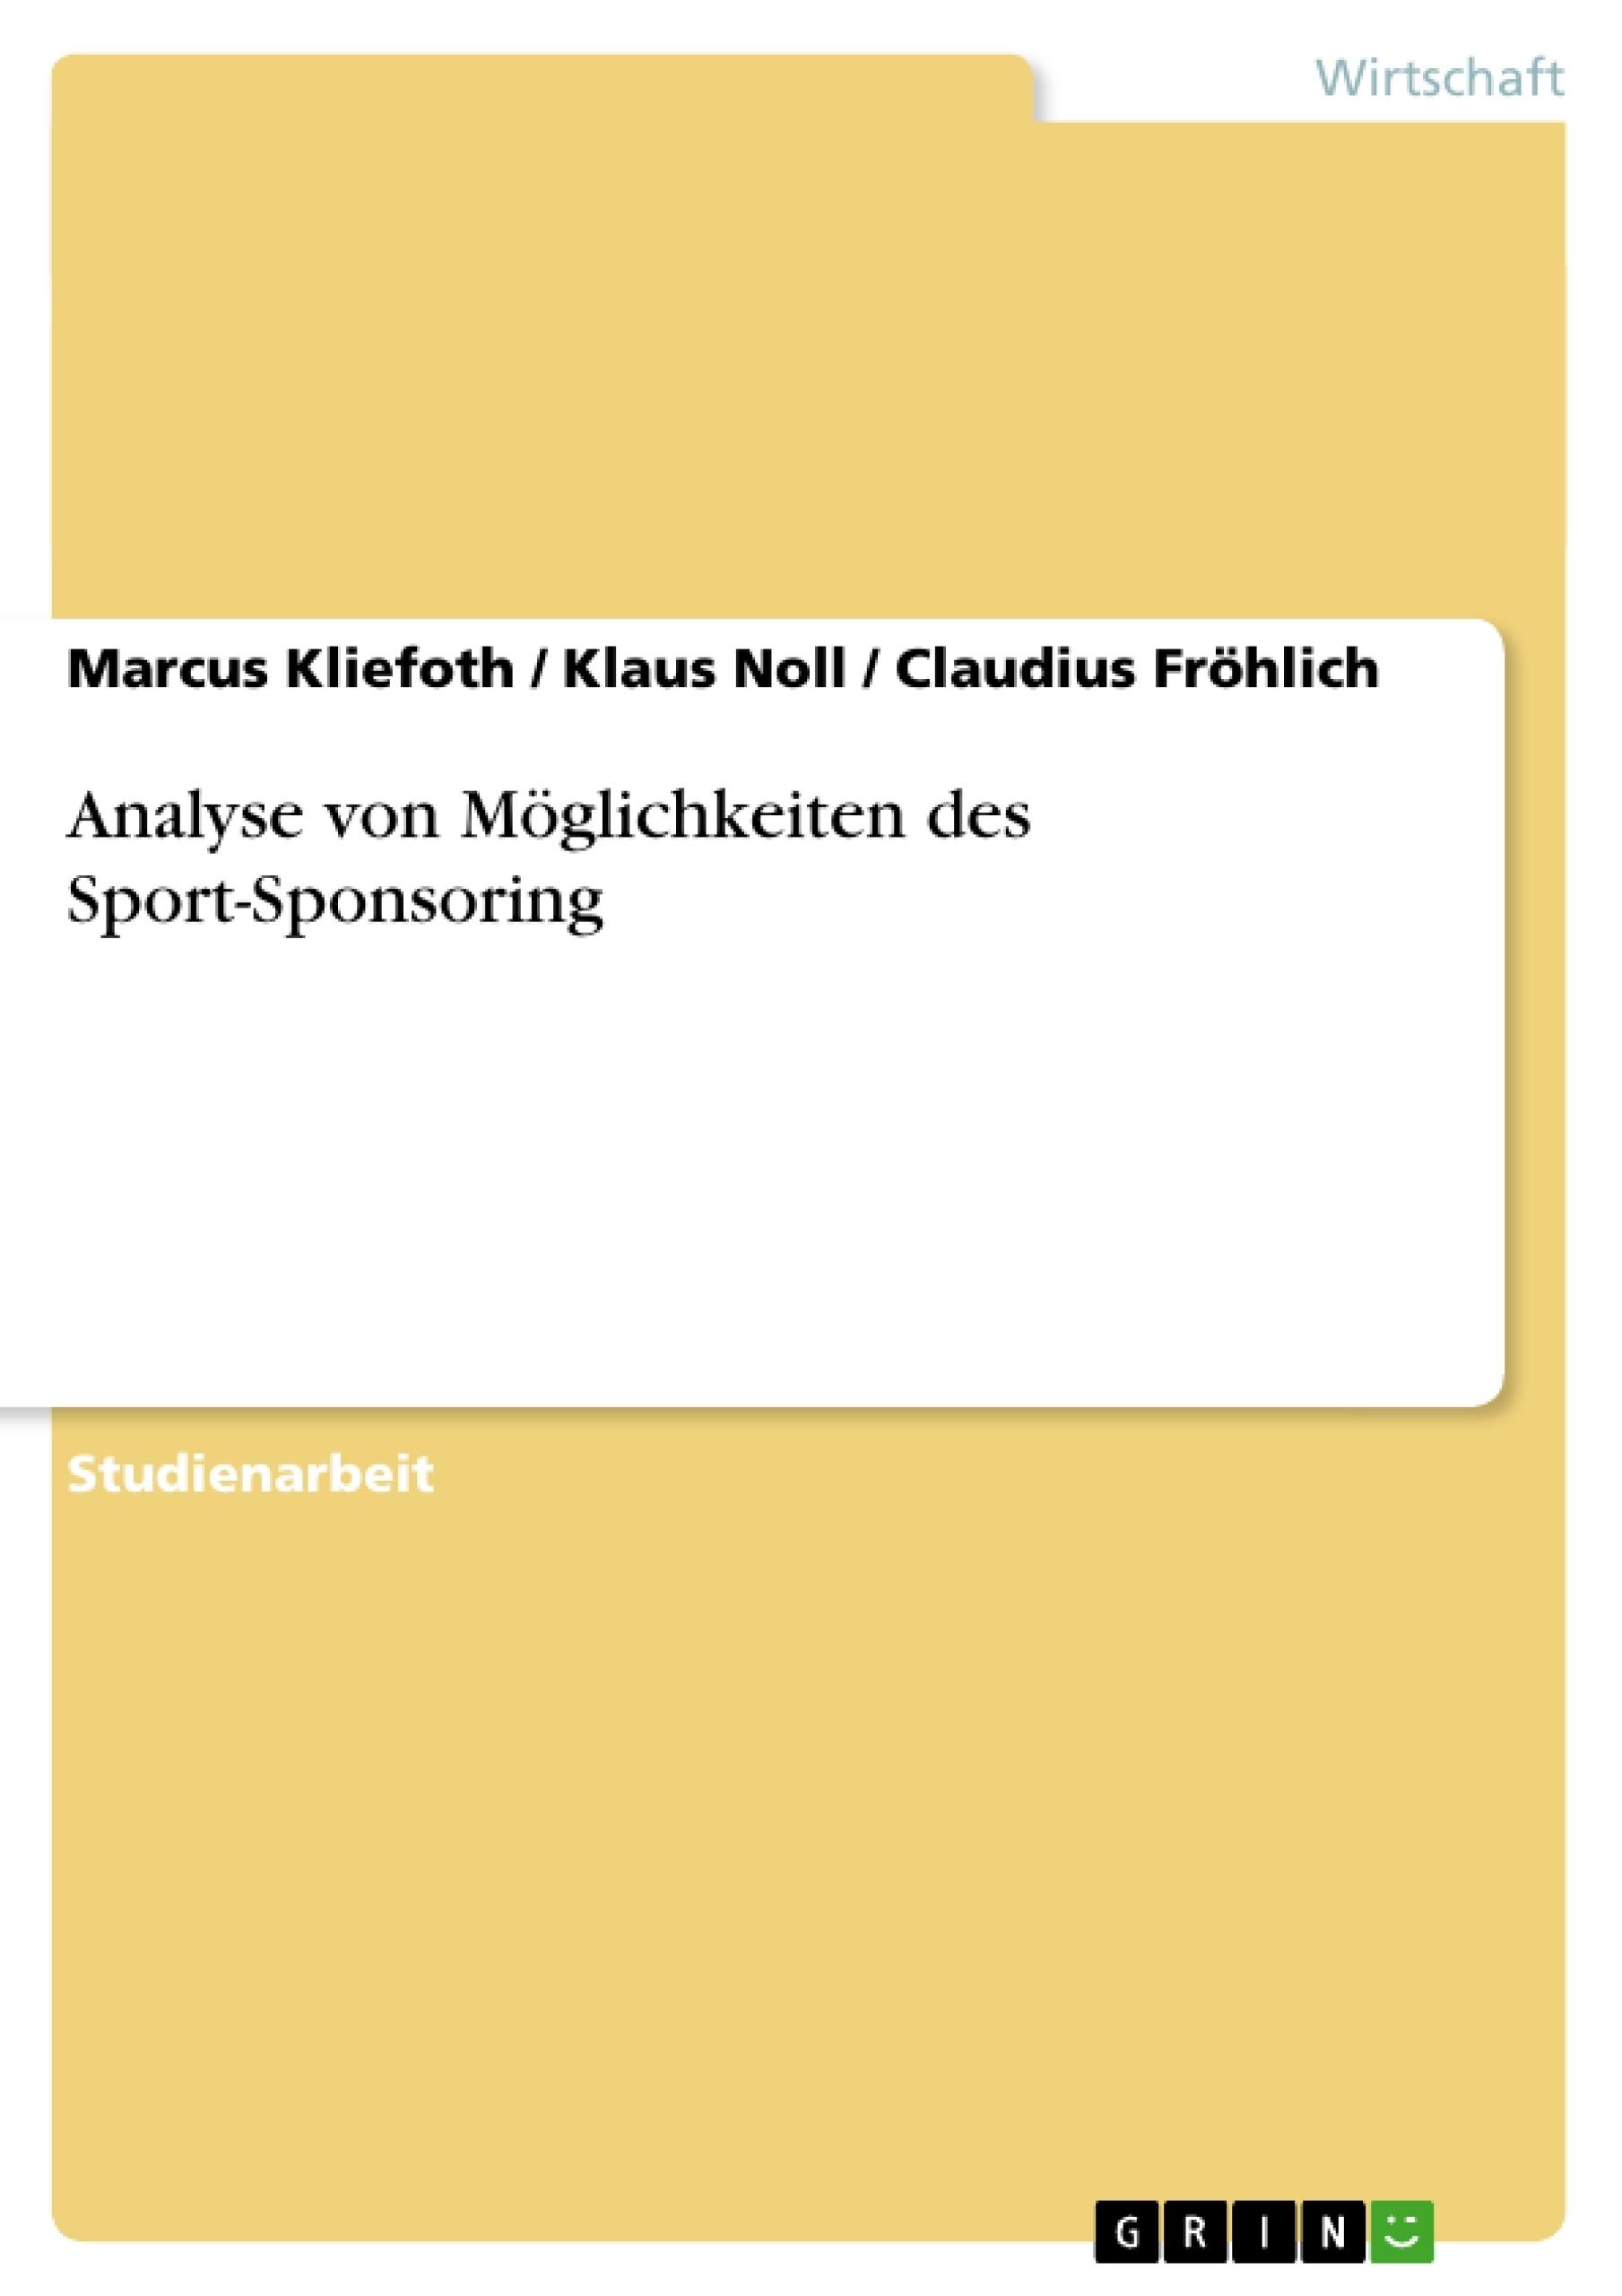 Analyse von Möglichkeiten des Sport-Sponsoring | Masterarbeit ...